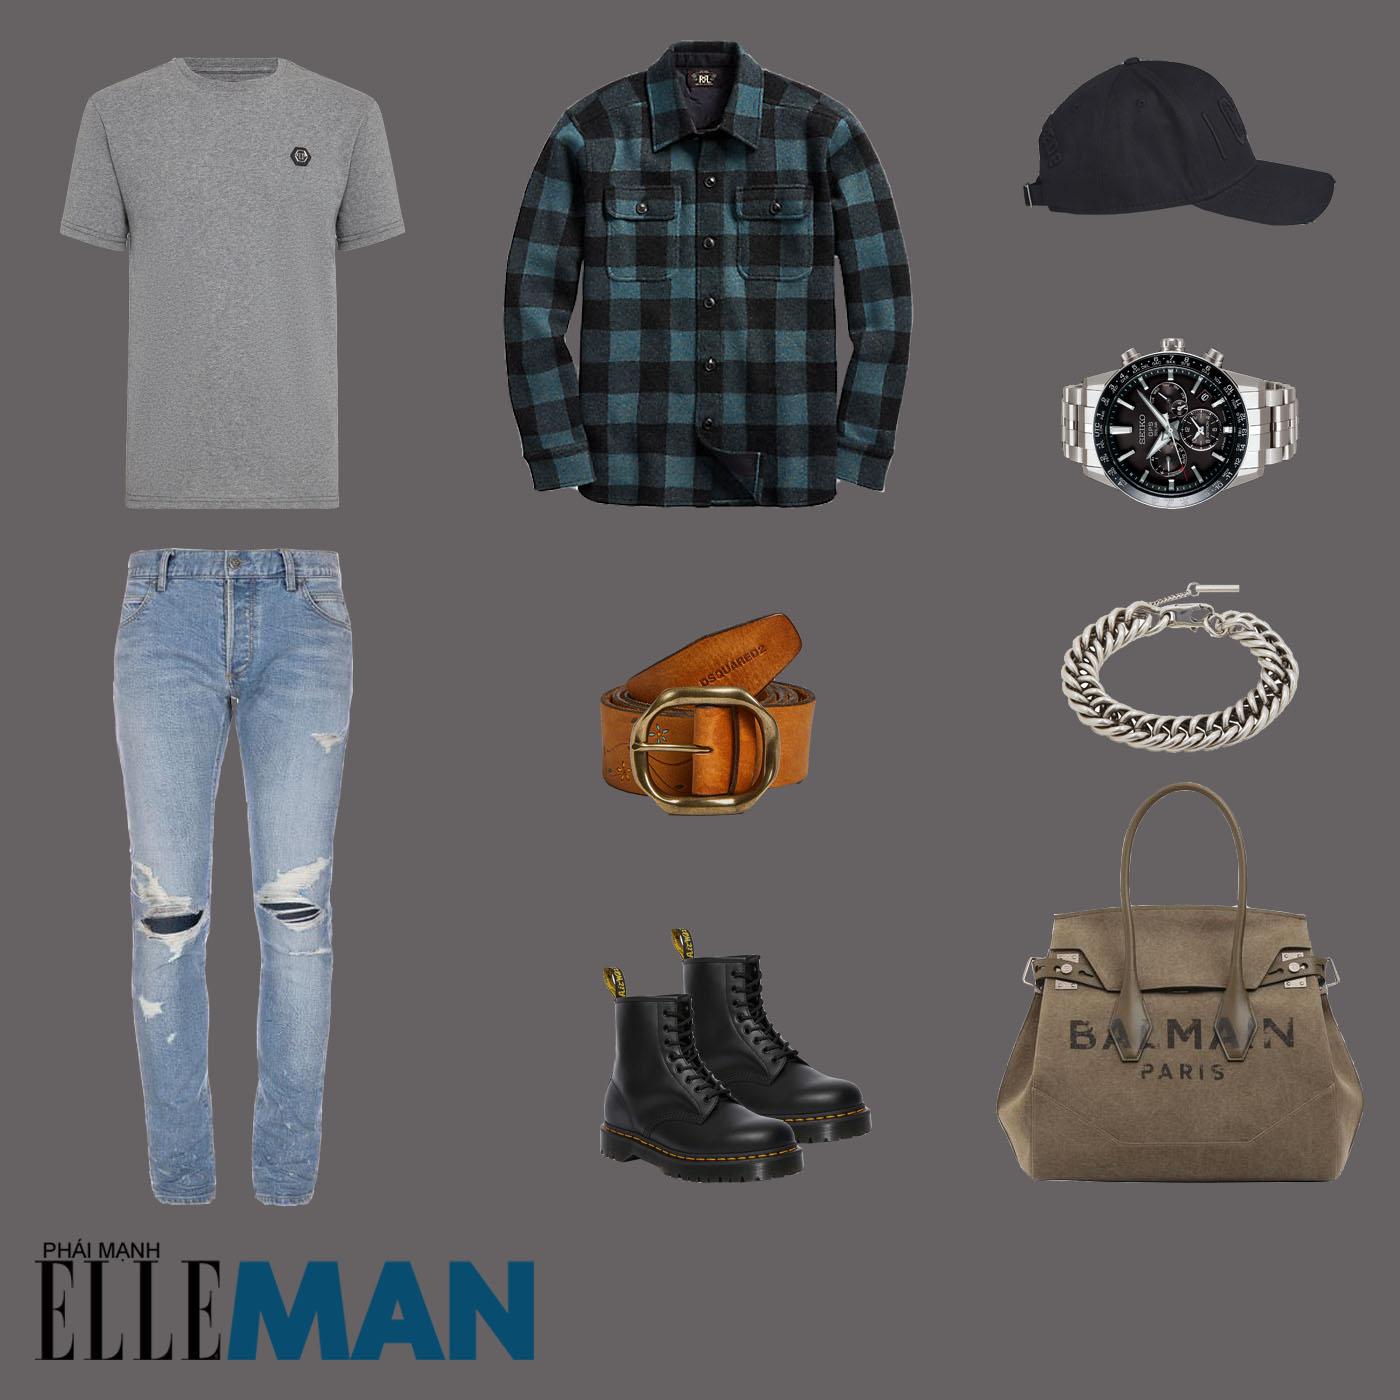 outfit 1 - phối đồ với áo thun basic